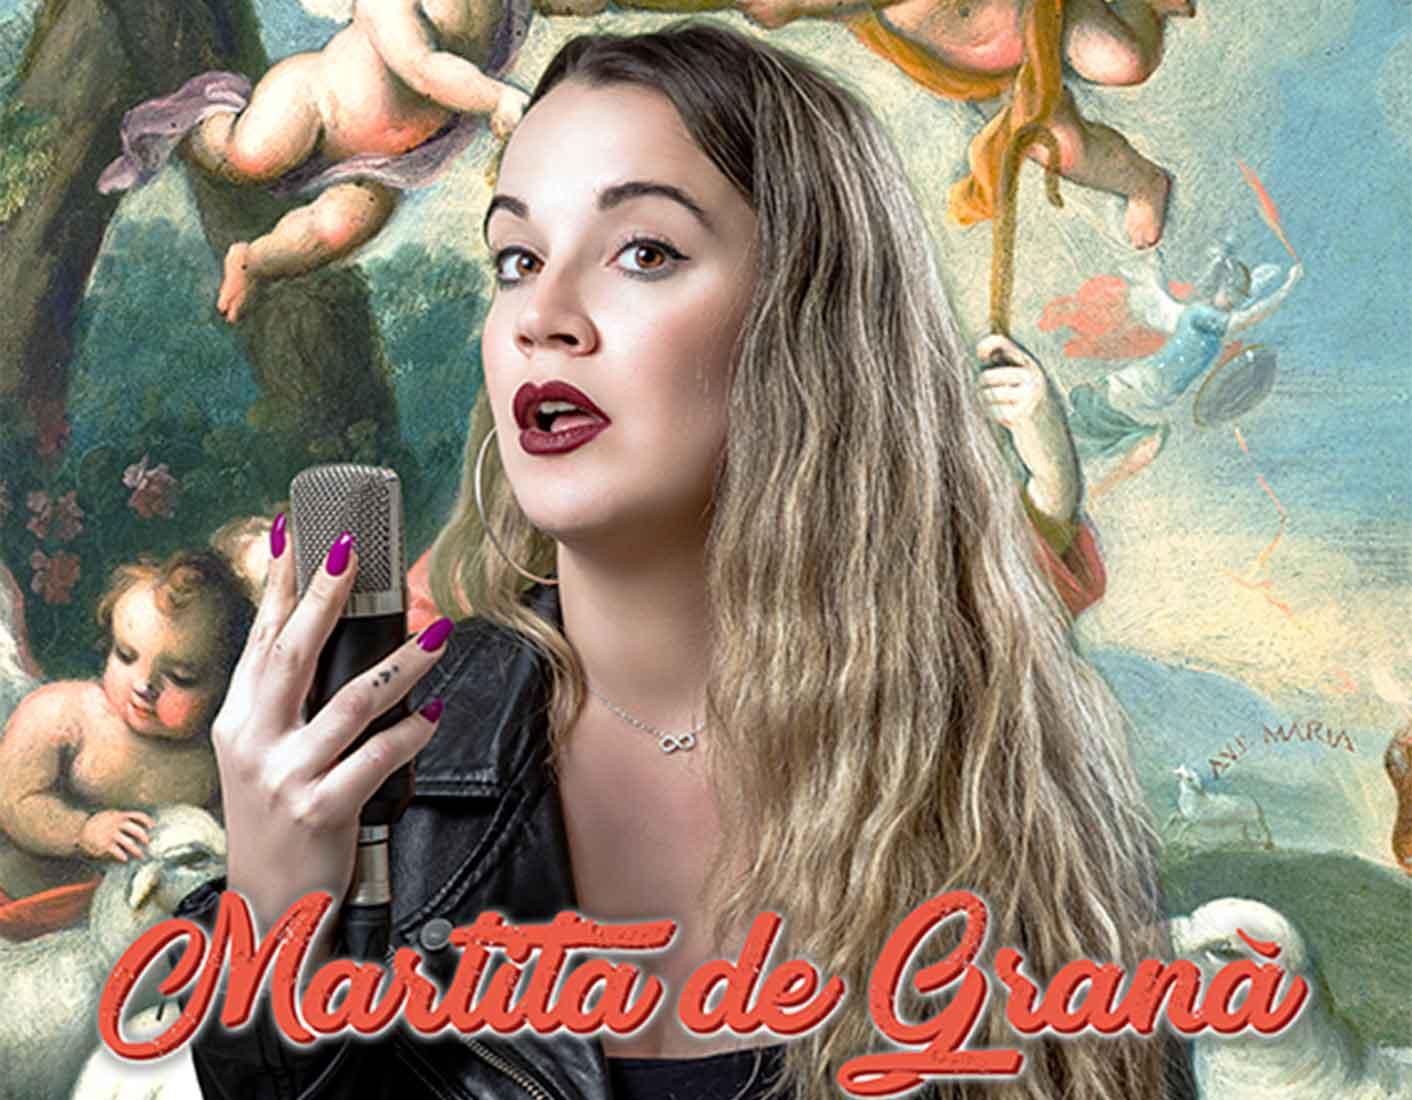 martita-de-grana-en-fuengirola-5df7c5bc9006b.jpeg